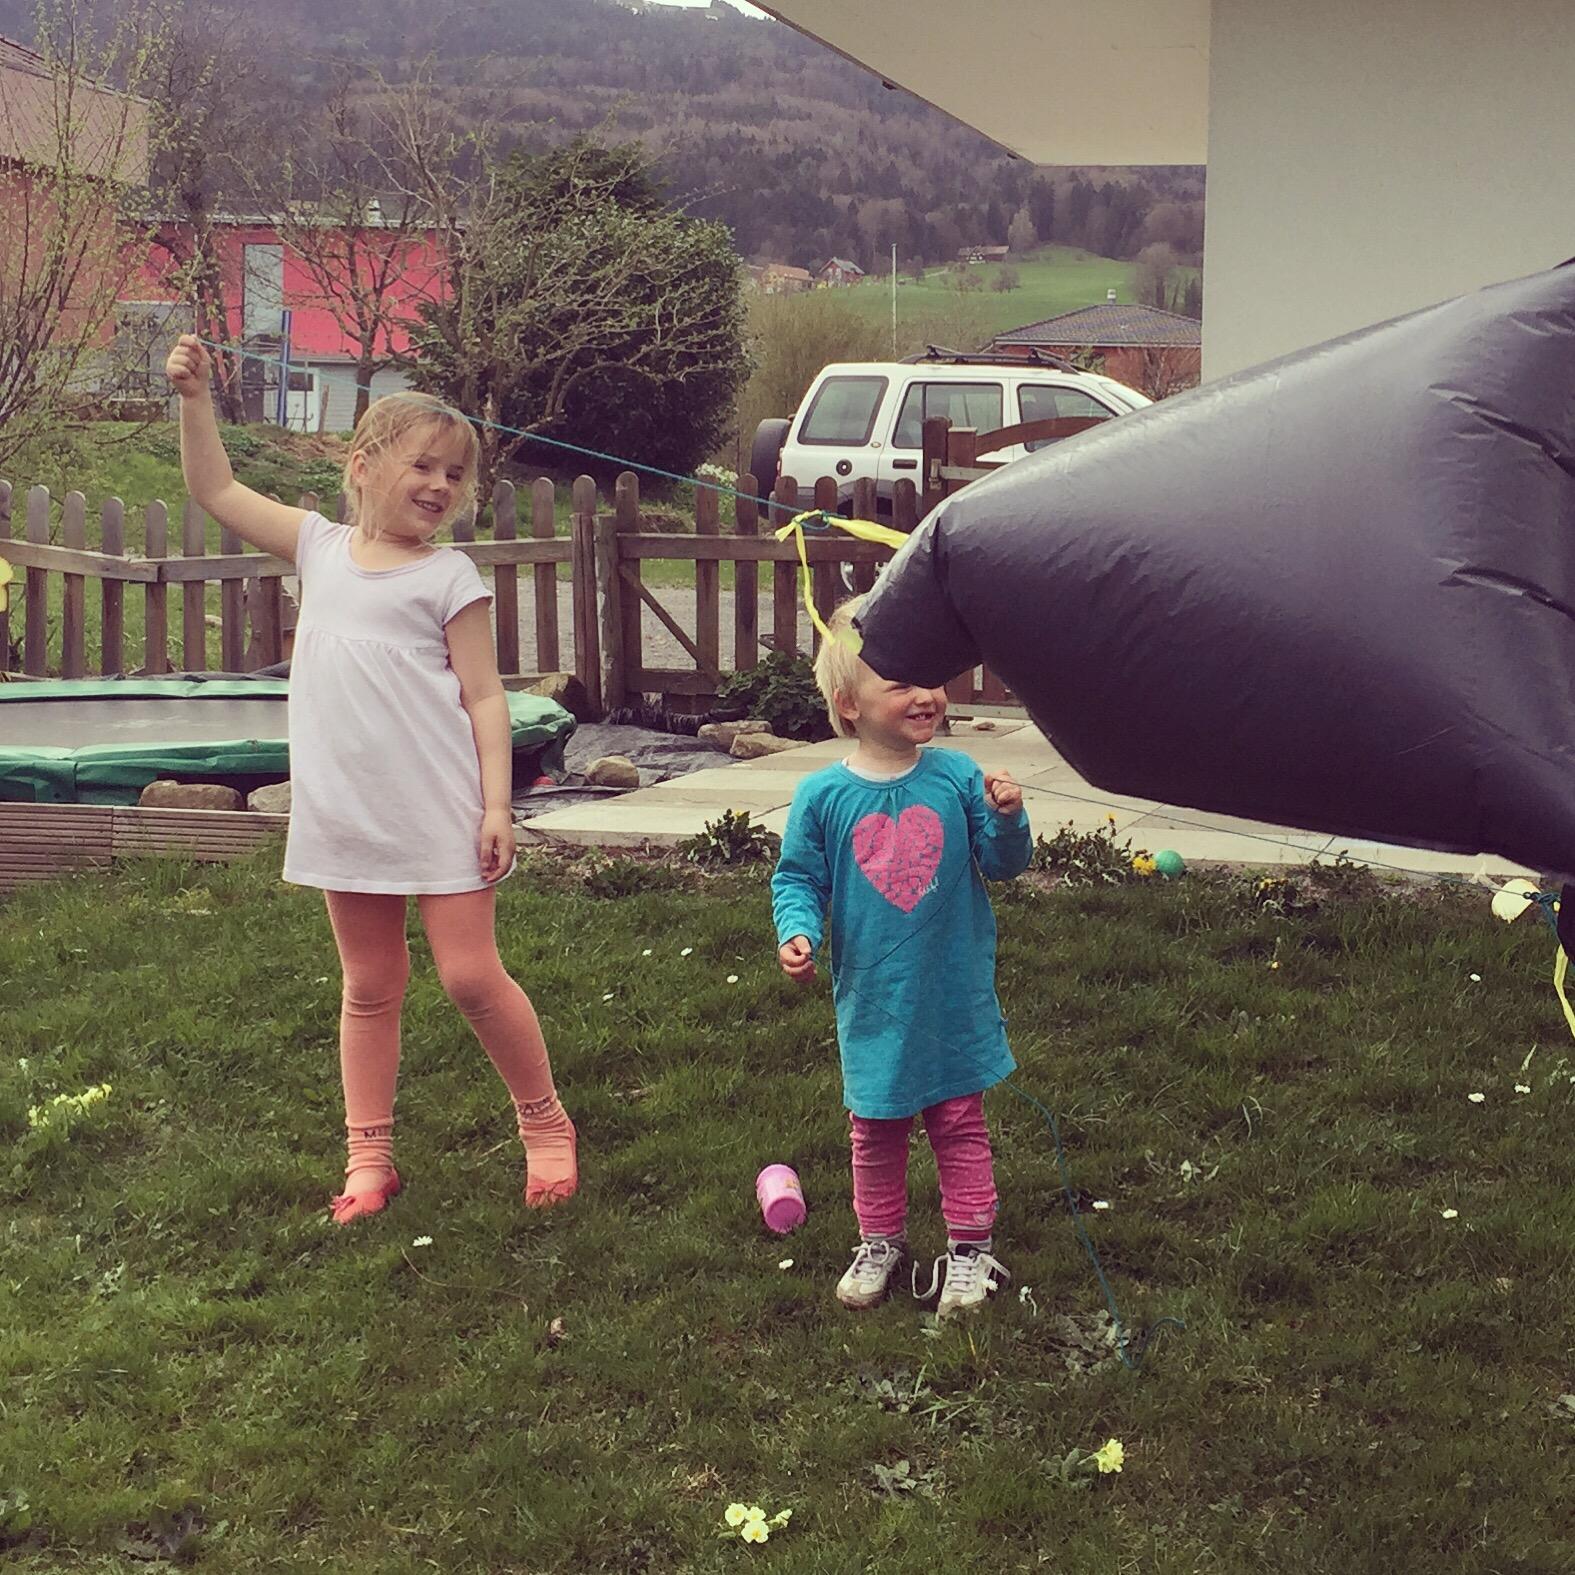 Na een hele gare ochtend, ging ik toch maar terug naar bed. Daarna gingen we naar buiten. We hadden wederom föhn en ik maakte van een vuilniszak een vlieger voor de meiden. Wat een lol hadden ze ervan!